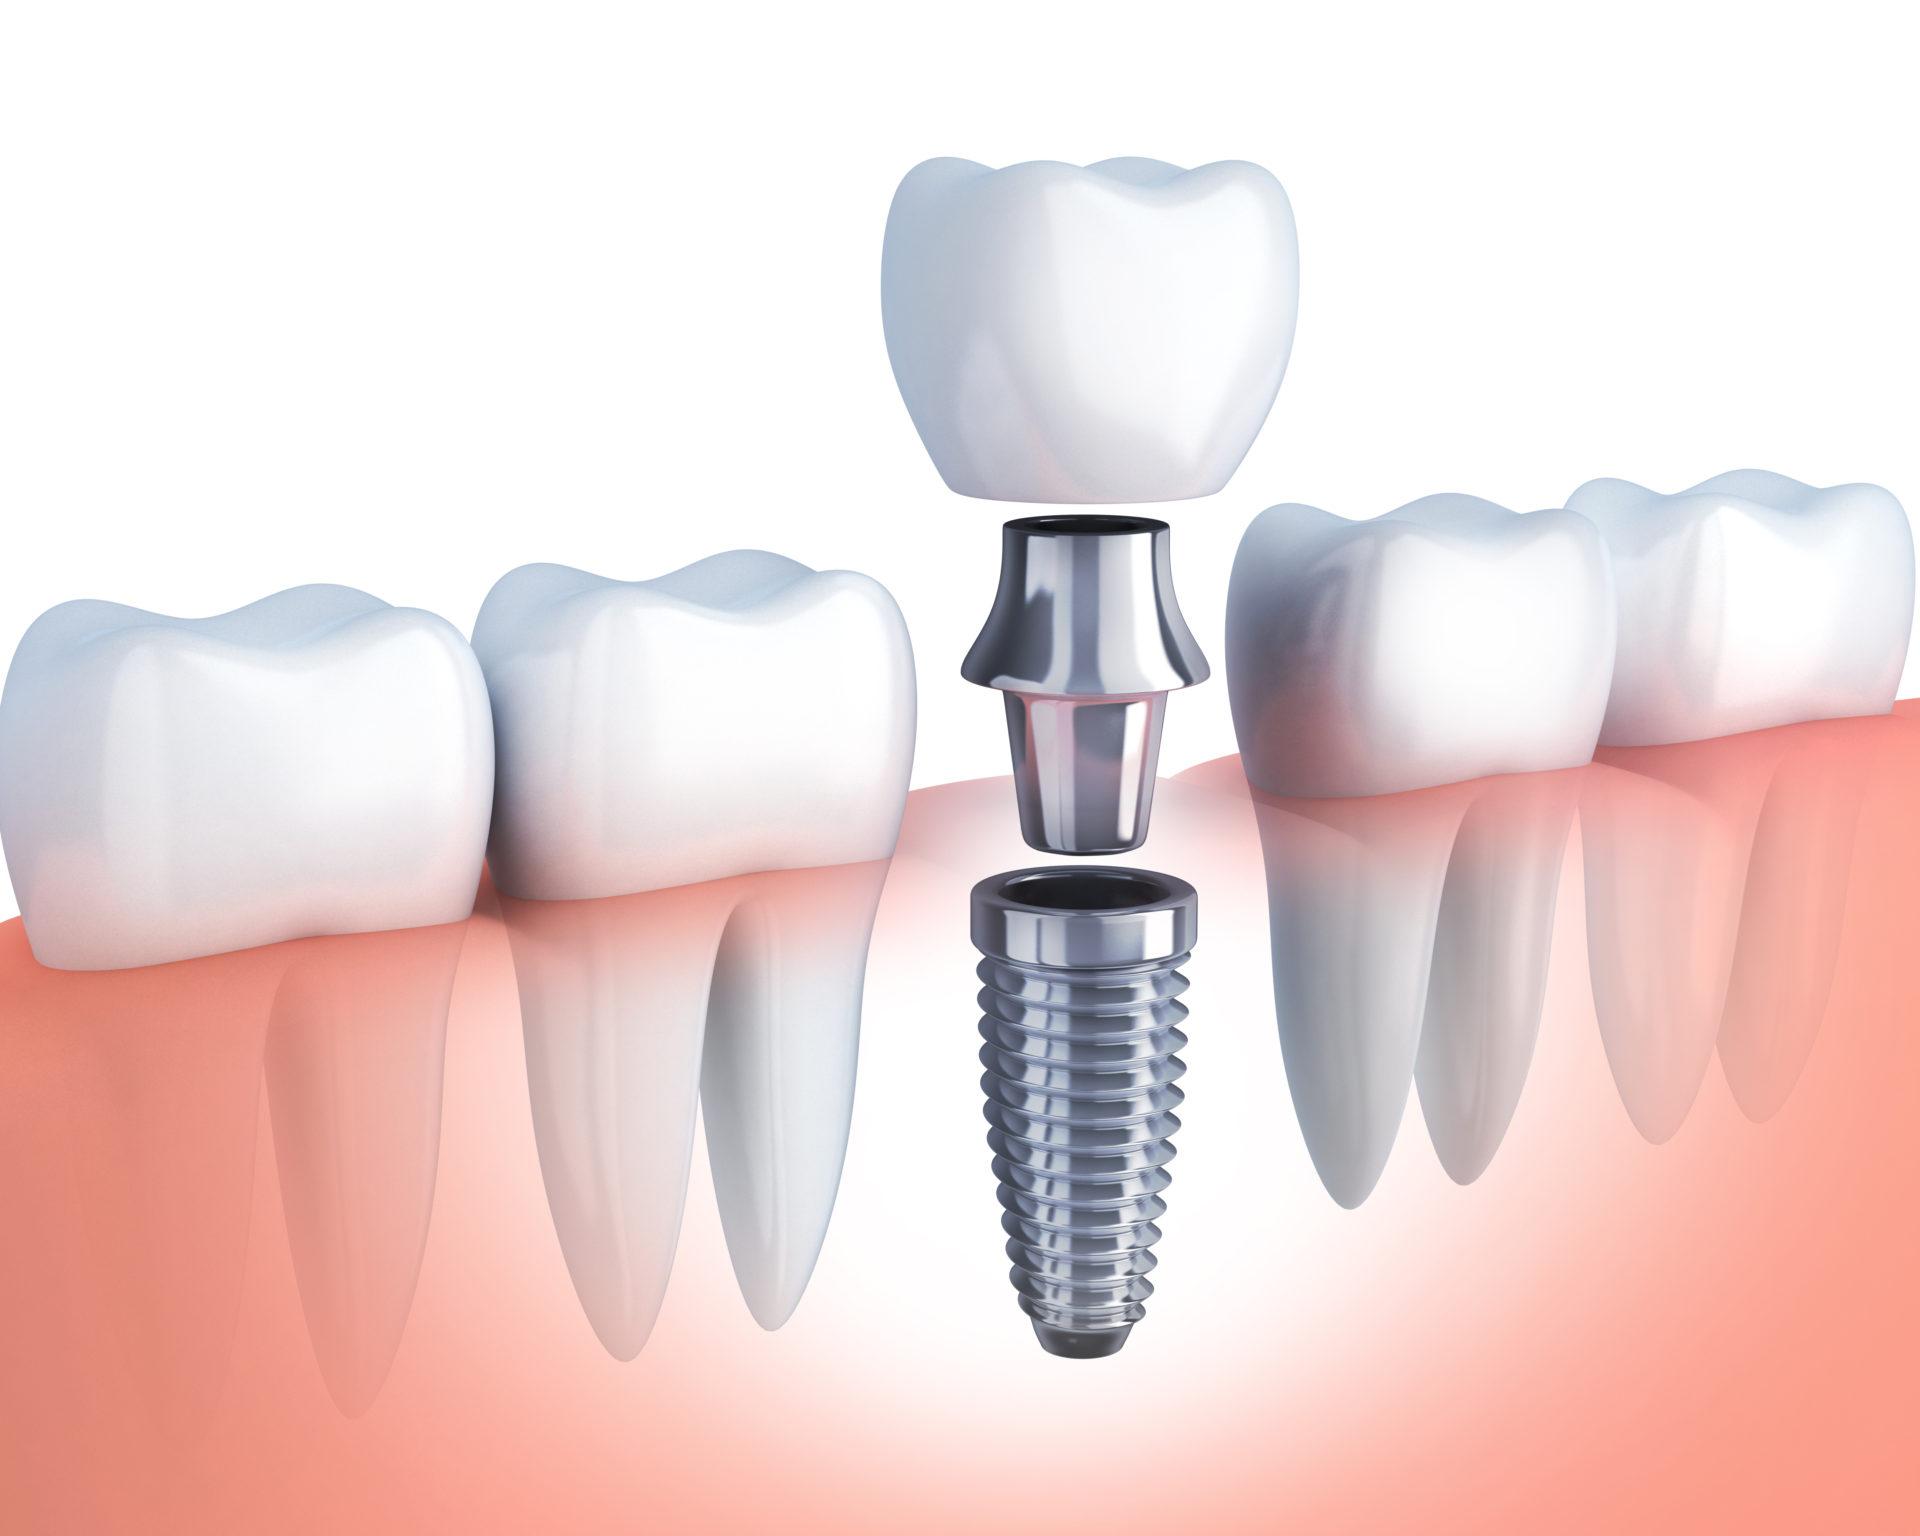 インプラント<br><small>implant</small>